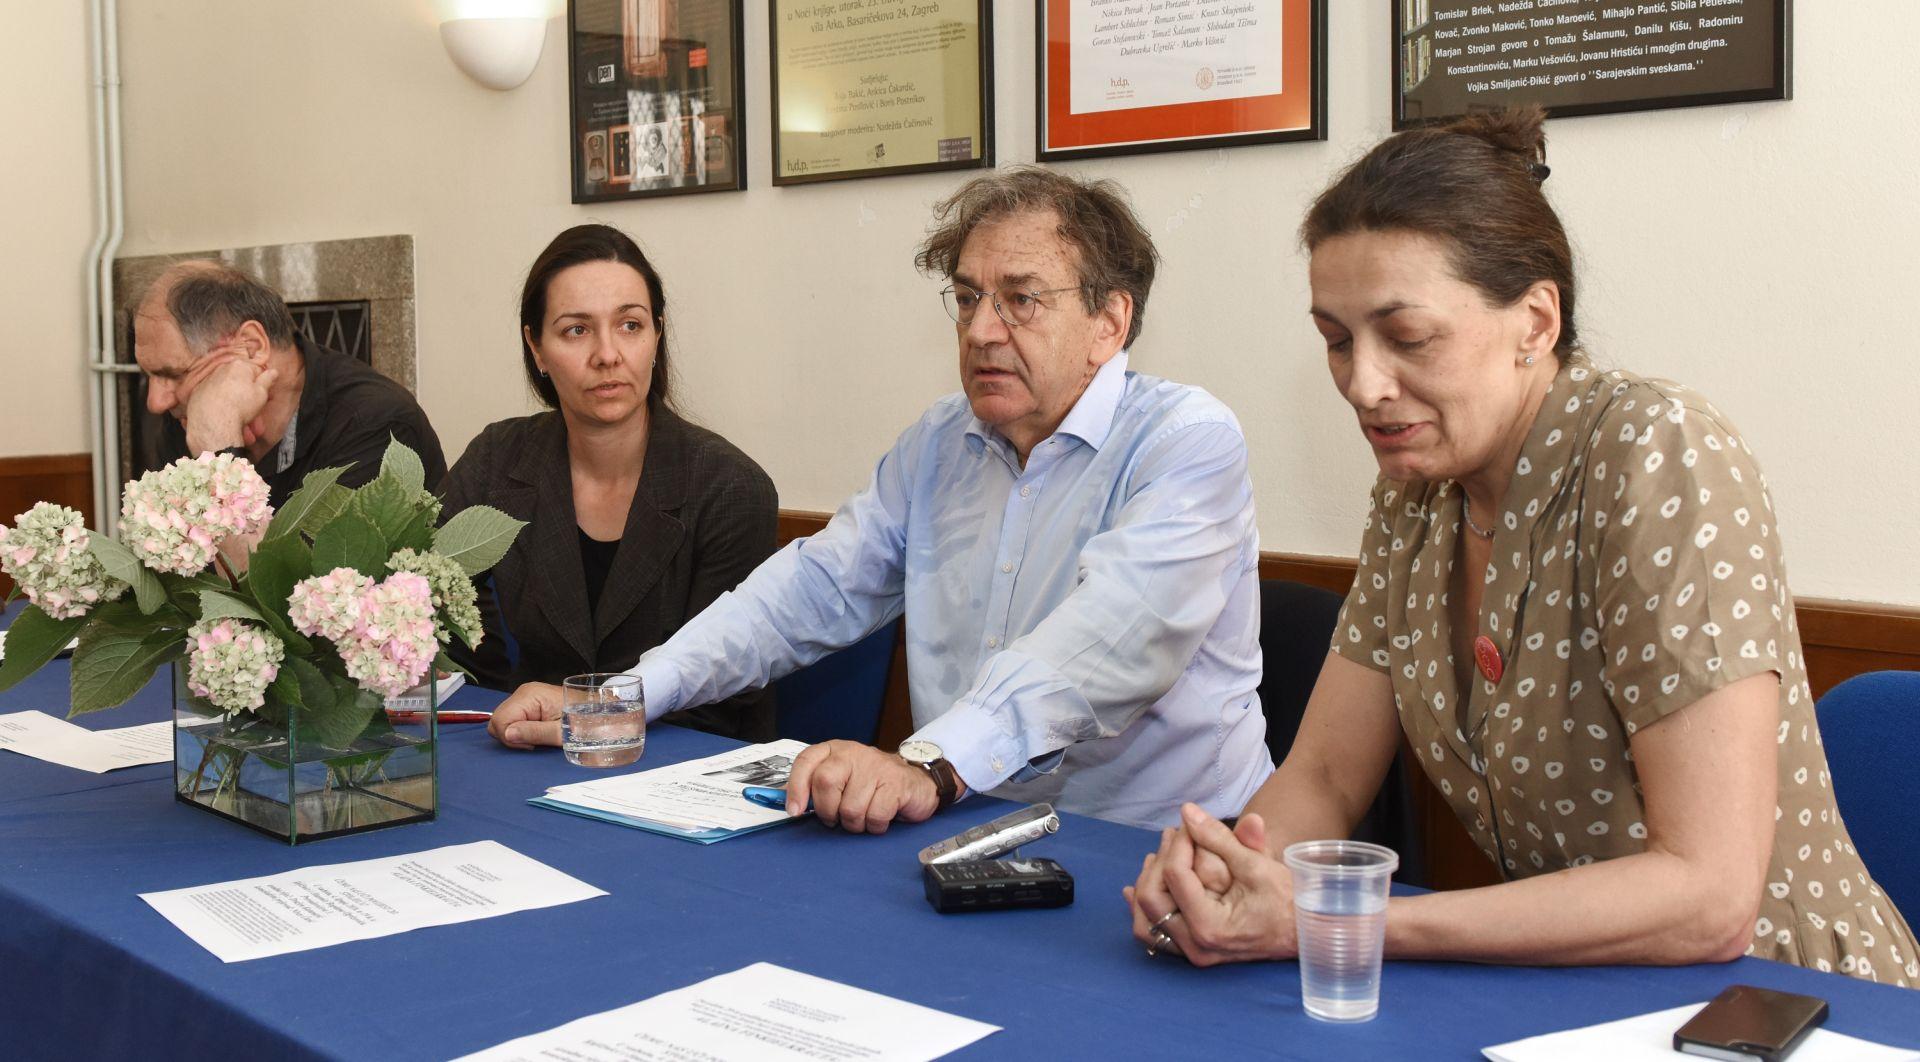 Finkielkraut: Potpisao sam peticiju protiv Hasanbegovića zbog njegova povijesnog revizionizma